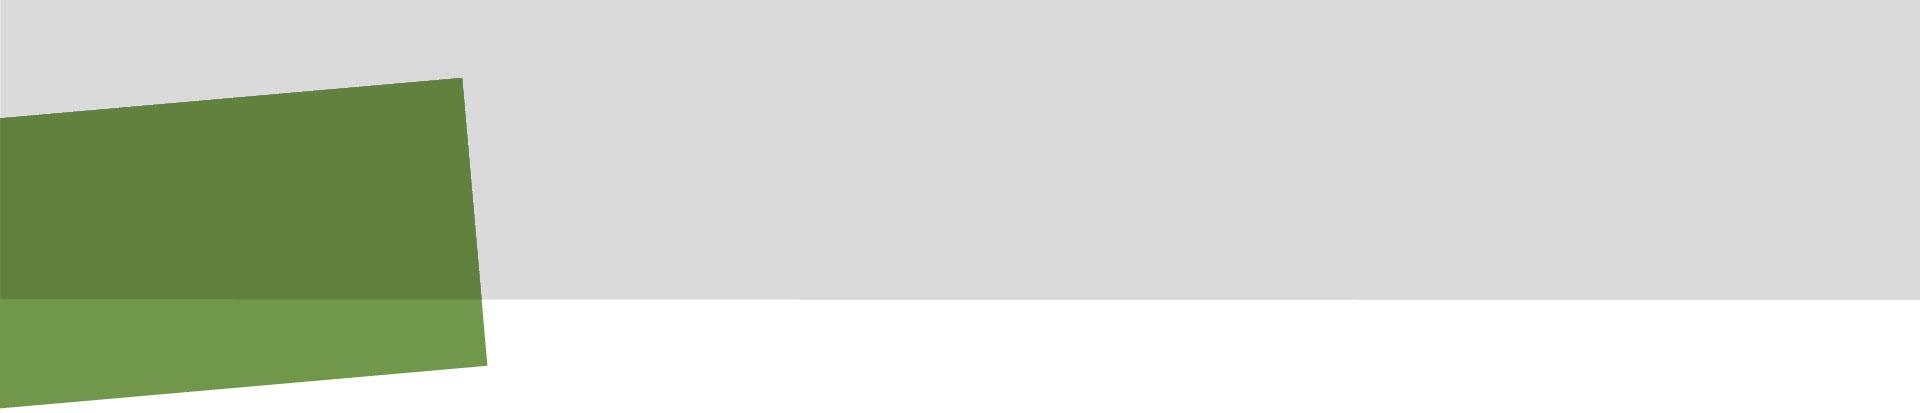 Neomec _ Sistemi automatici per Verniciatura banner prod int